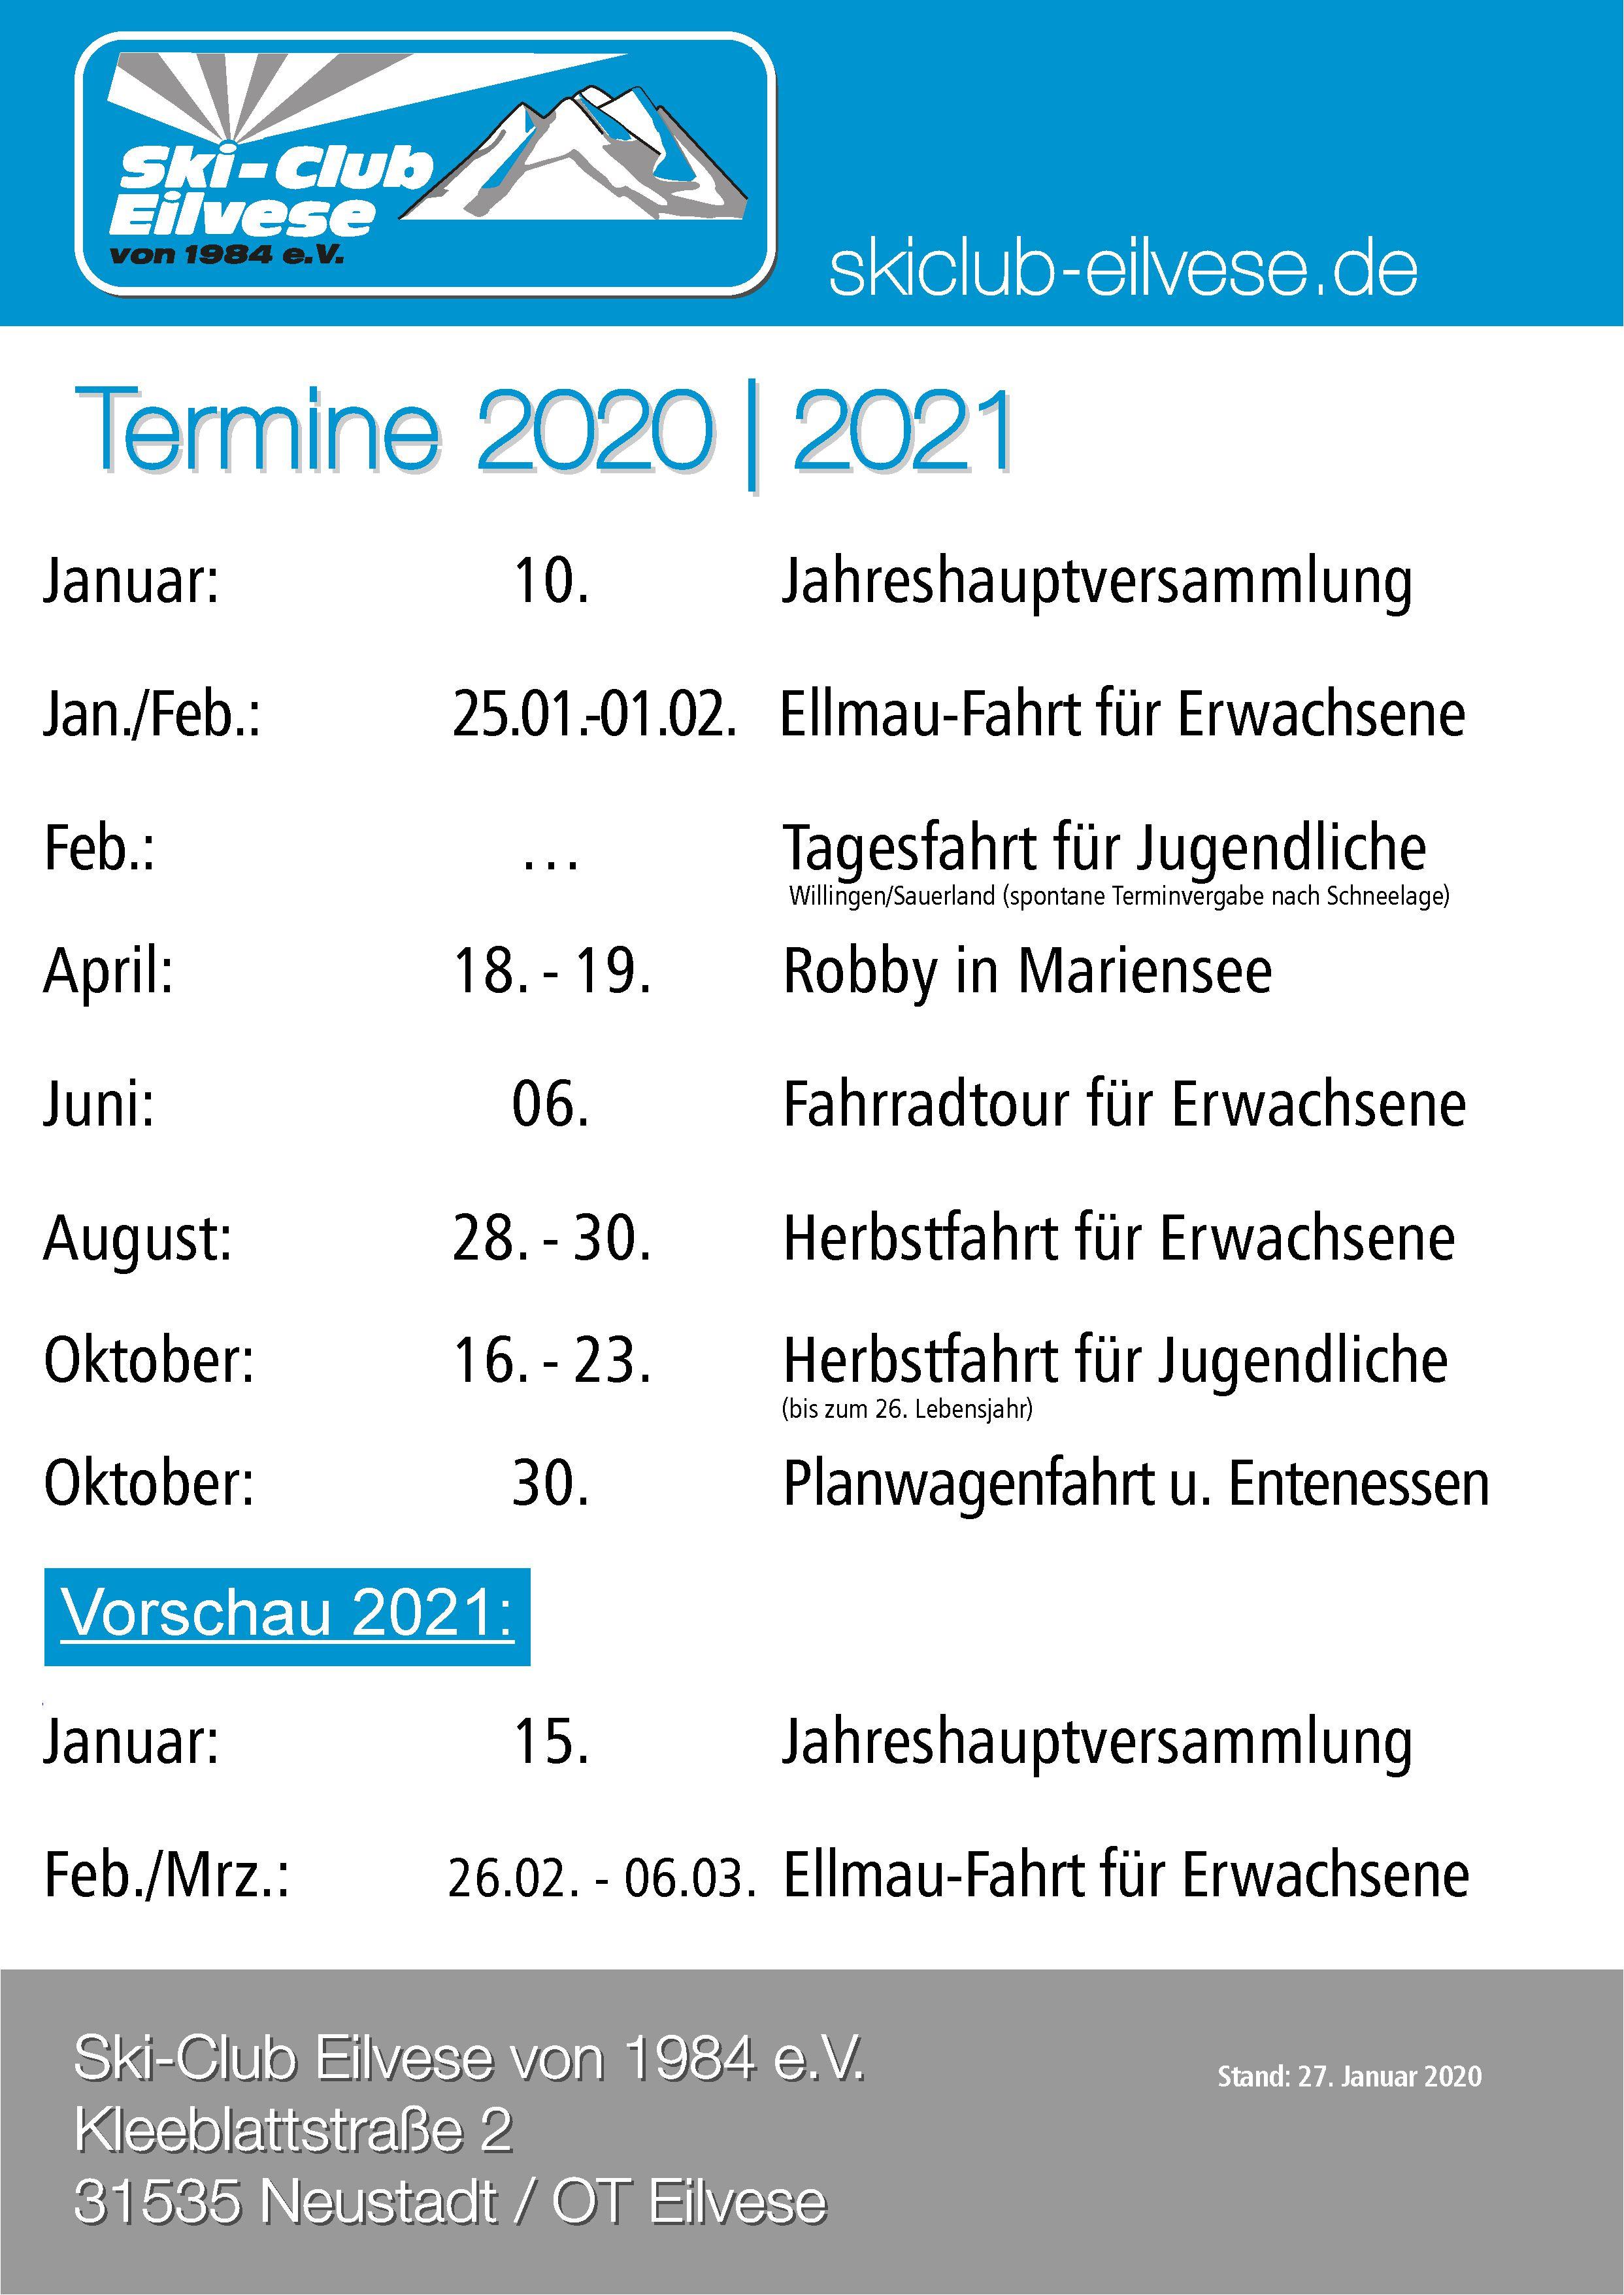 SKiClubEilvese Termine 2020|2021